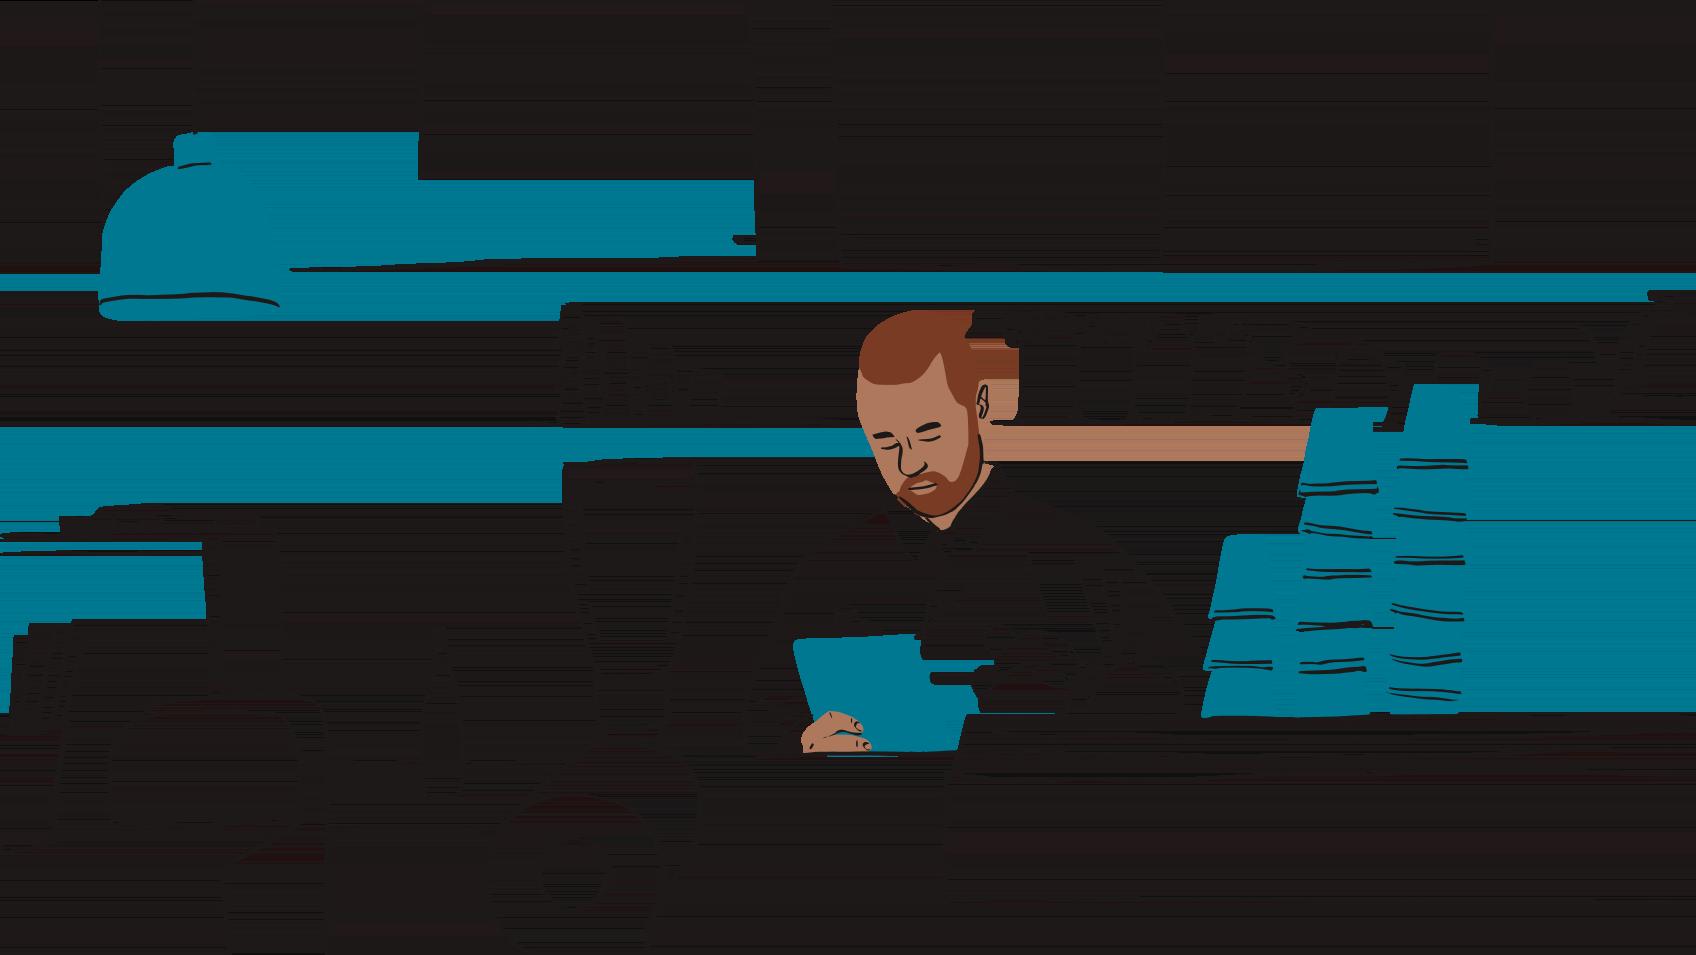 Ilustración de un hombre detrás de un mostrador de café mirando un portapapeles.